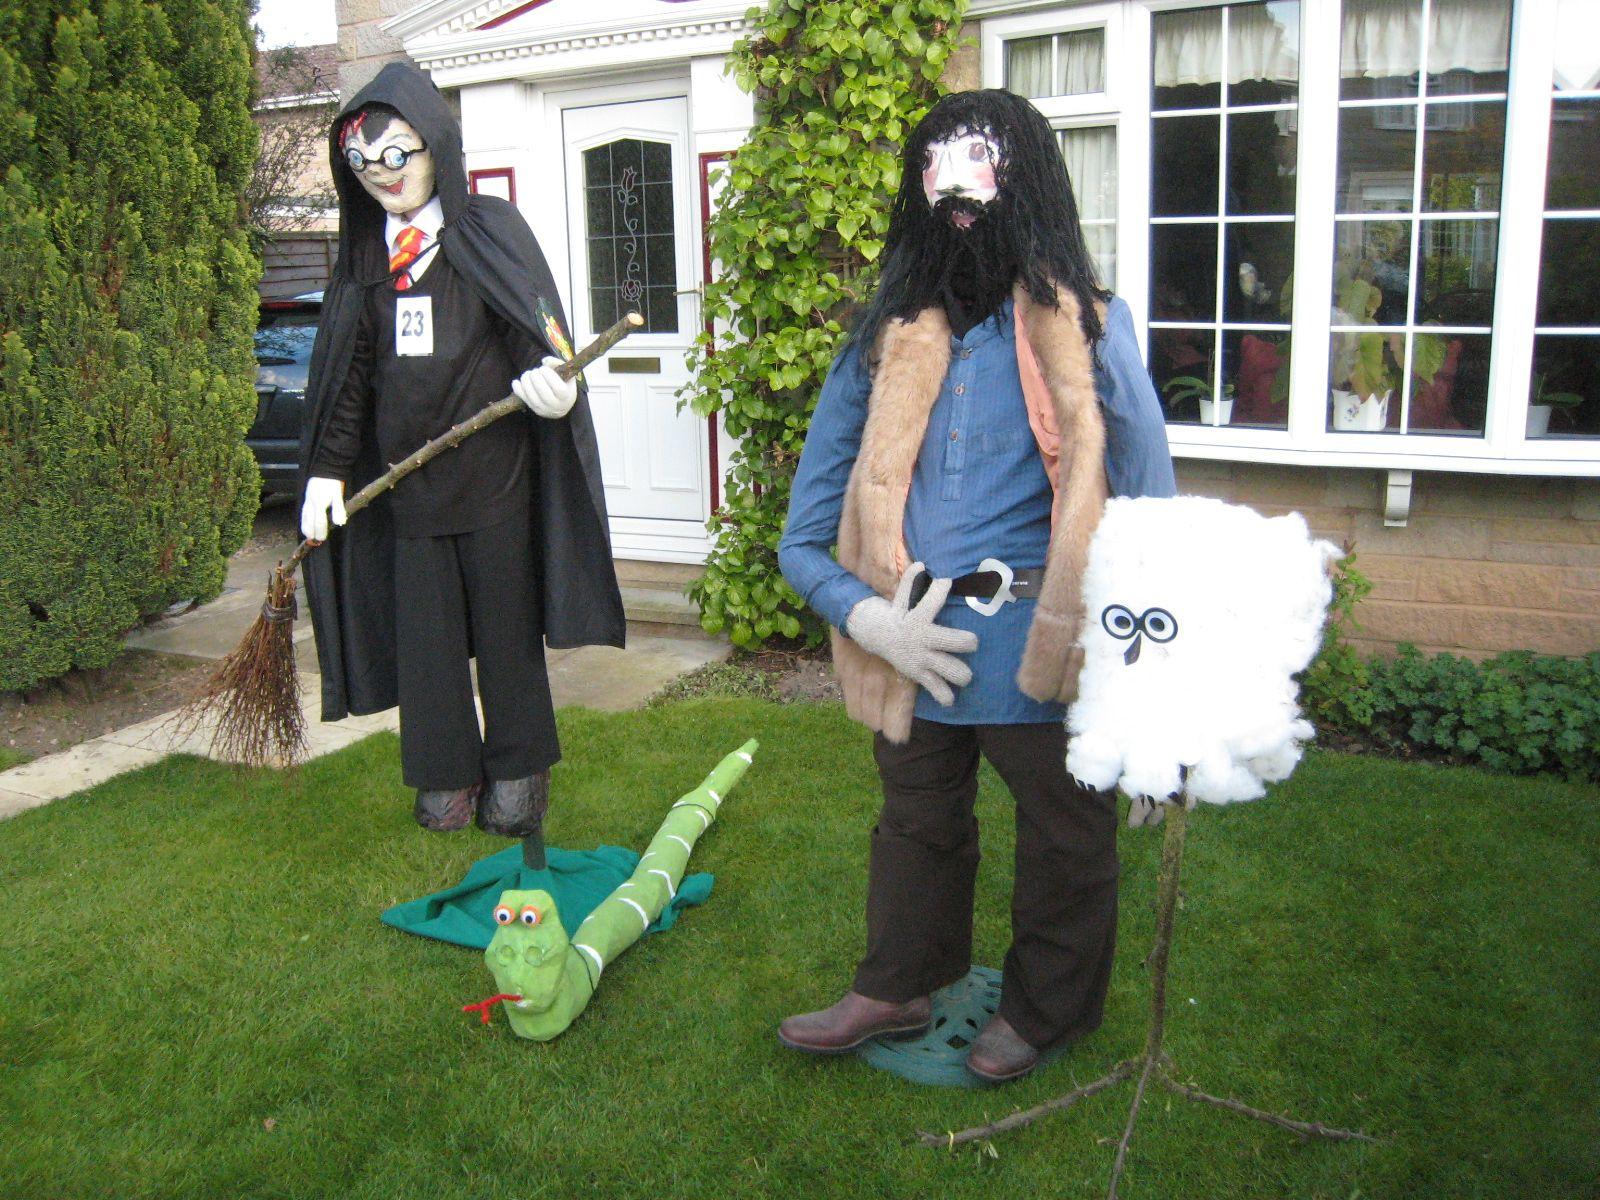 10 scarecrow contest 2017 ideas scarecrow scarecrow festival scarecrow fest 10 scarecrow contest 2017 ideas